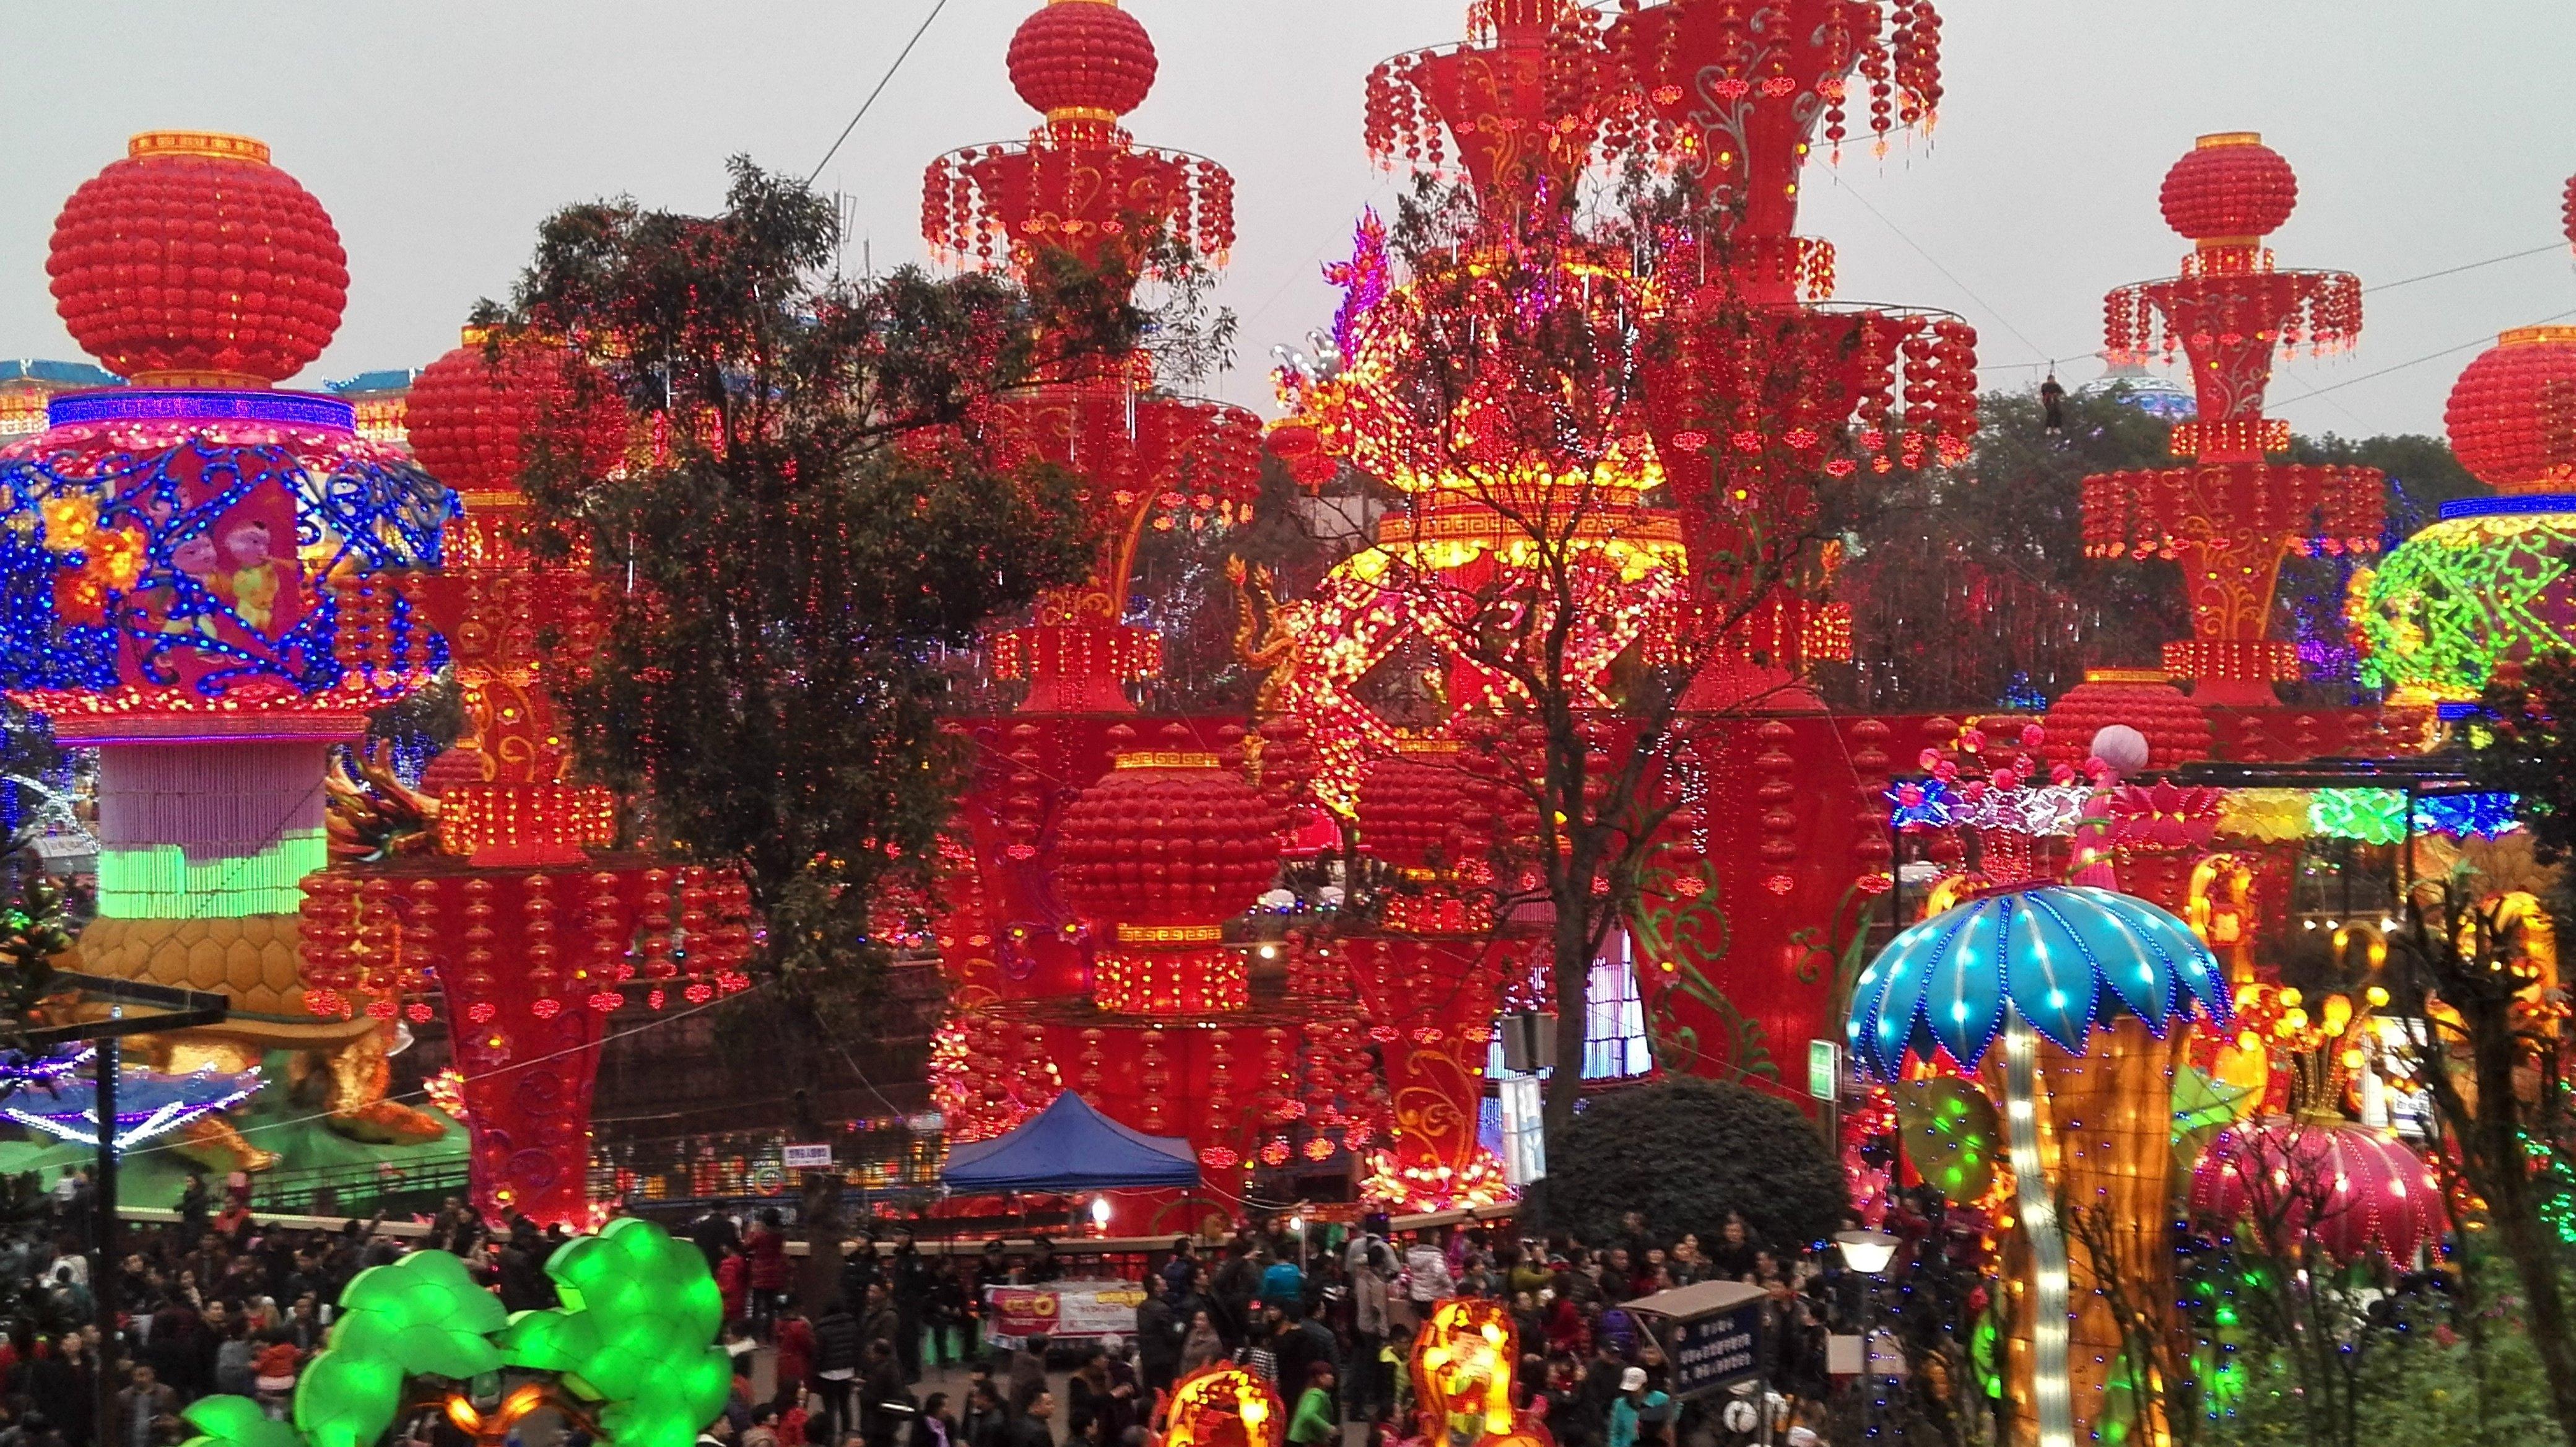 加游站#自贡灯,恐龙博物馆,乐山大佛春节游记拉萨市景点攻略图片